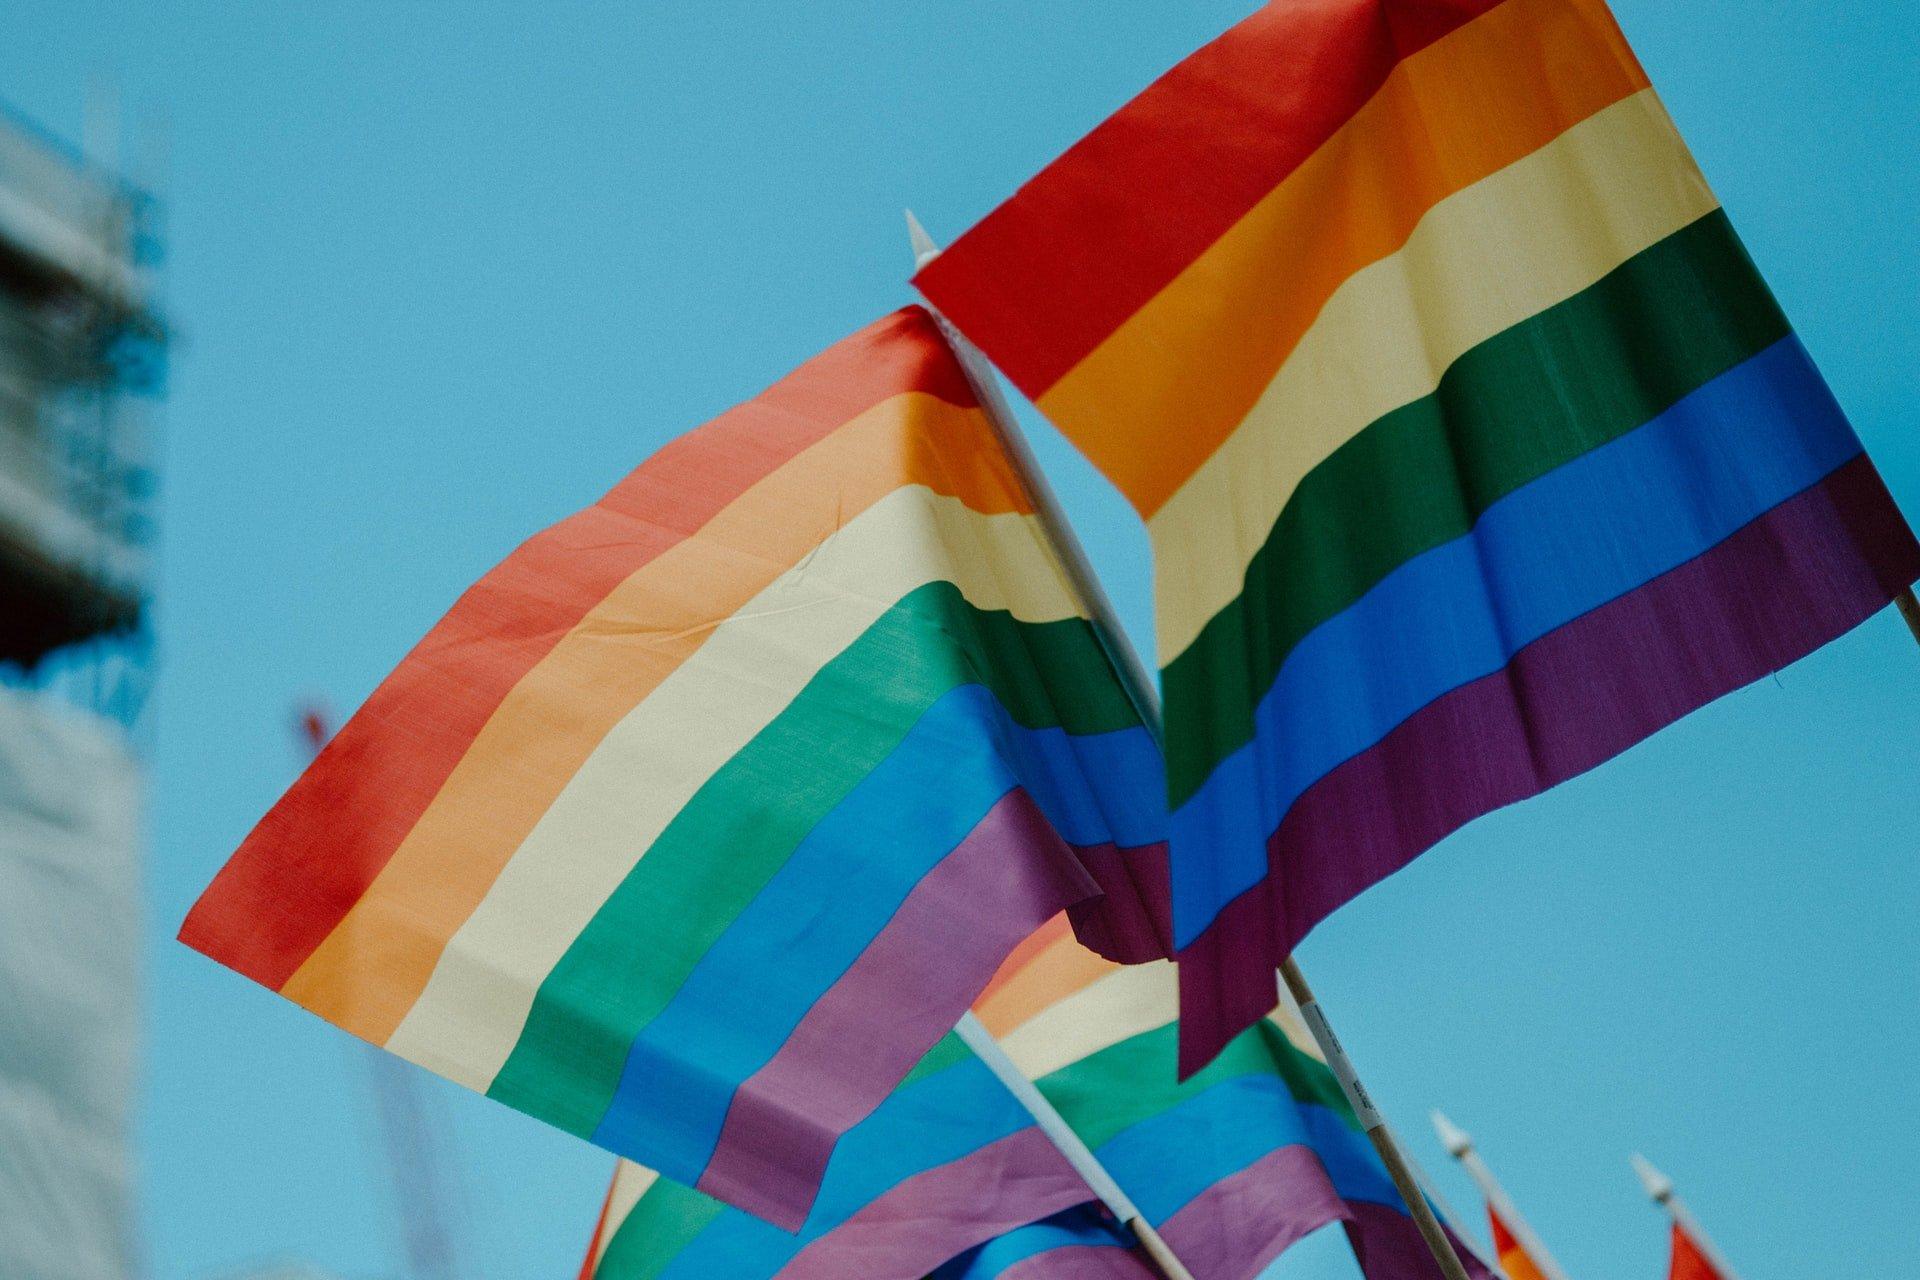 Šodien tiek atzīmēta Starptautiskā diena cīņai pret homofobiju, transfobiju un bifobiju (#IDAHOBIT)